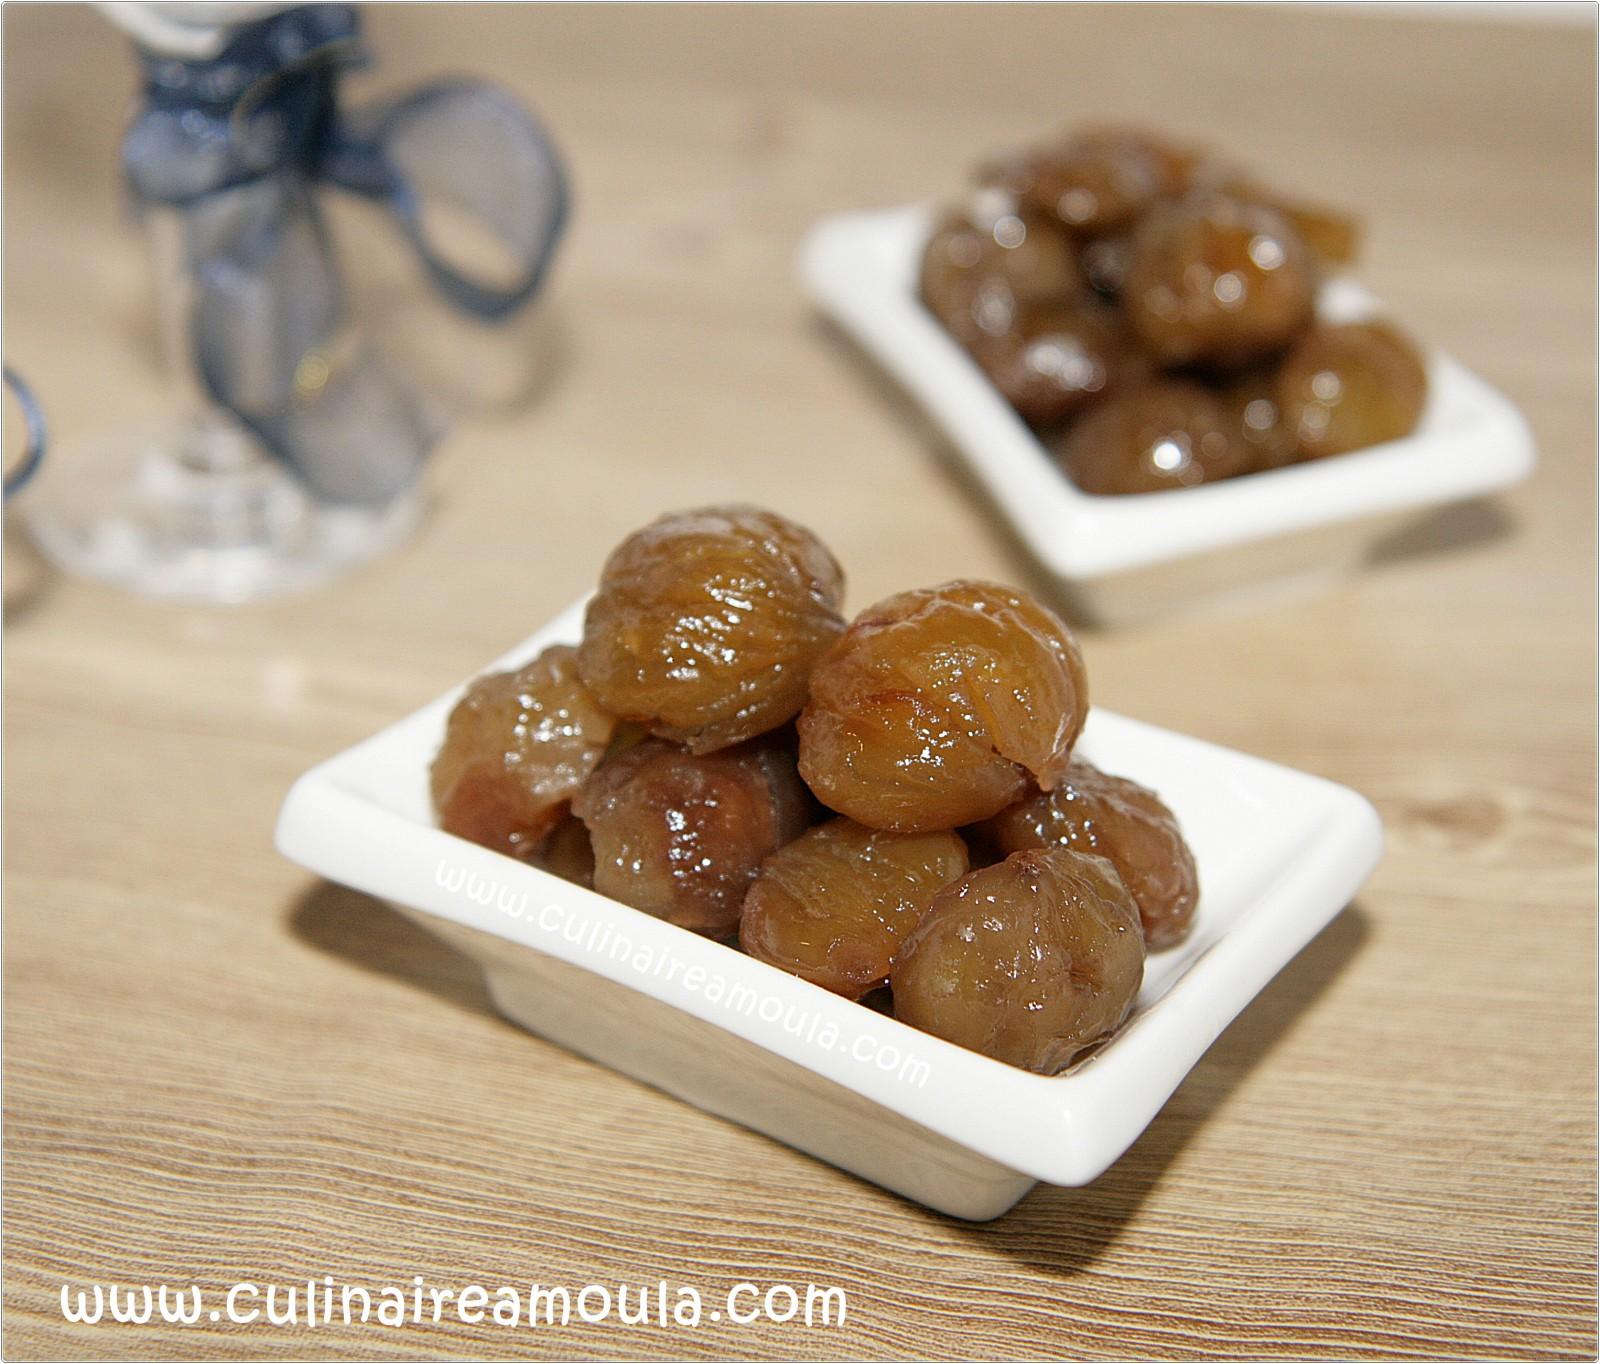 Marron glacé fait maison  http://www.culinaireamoula.com/article-marrons-glaces-fait-maison-121296826.html